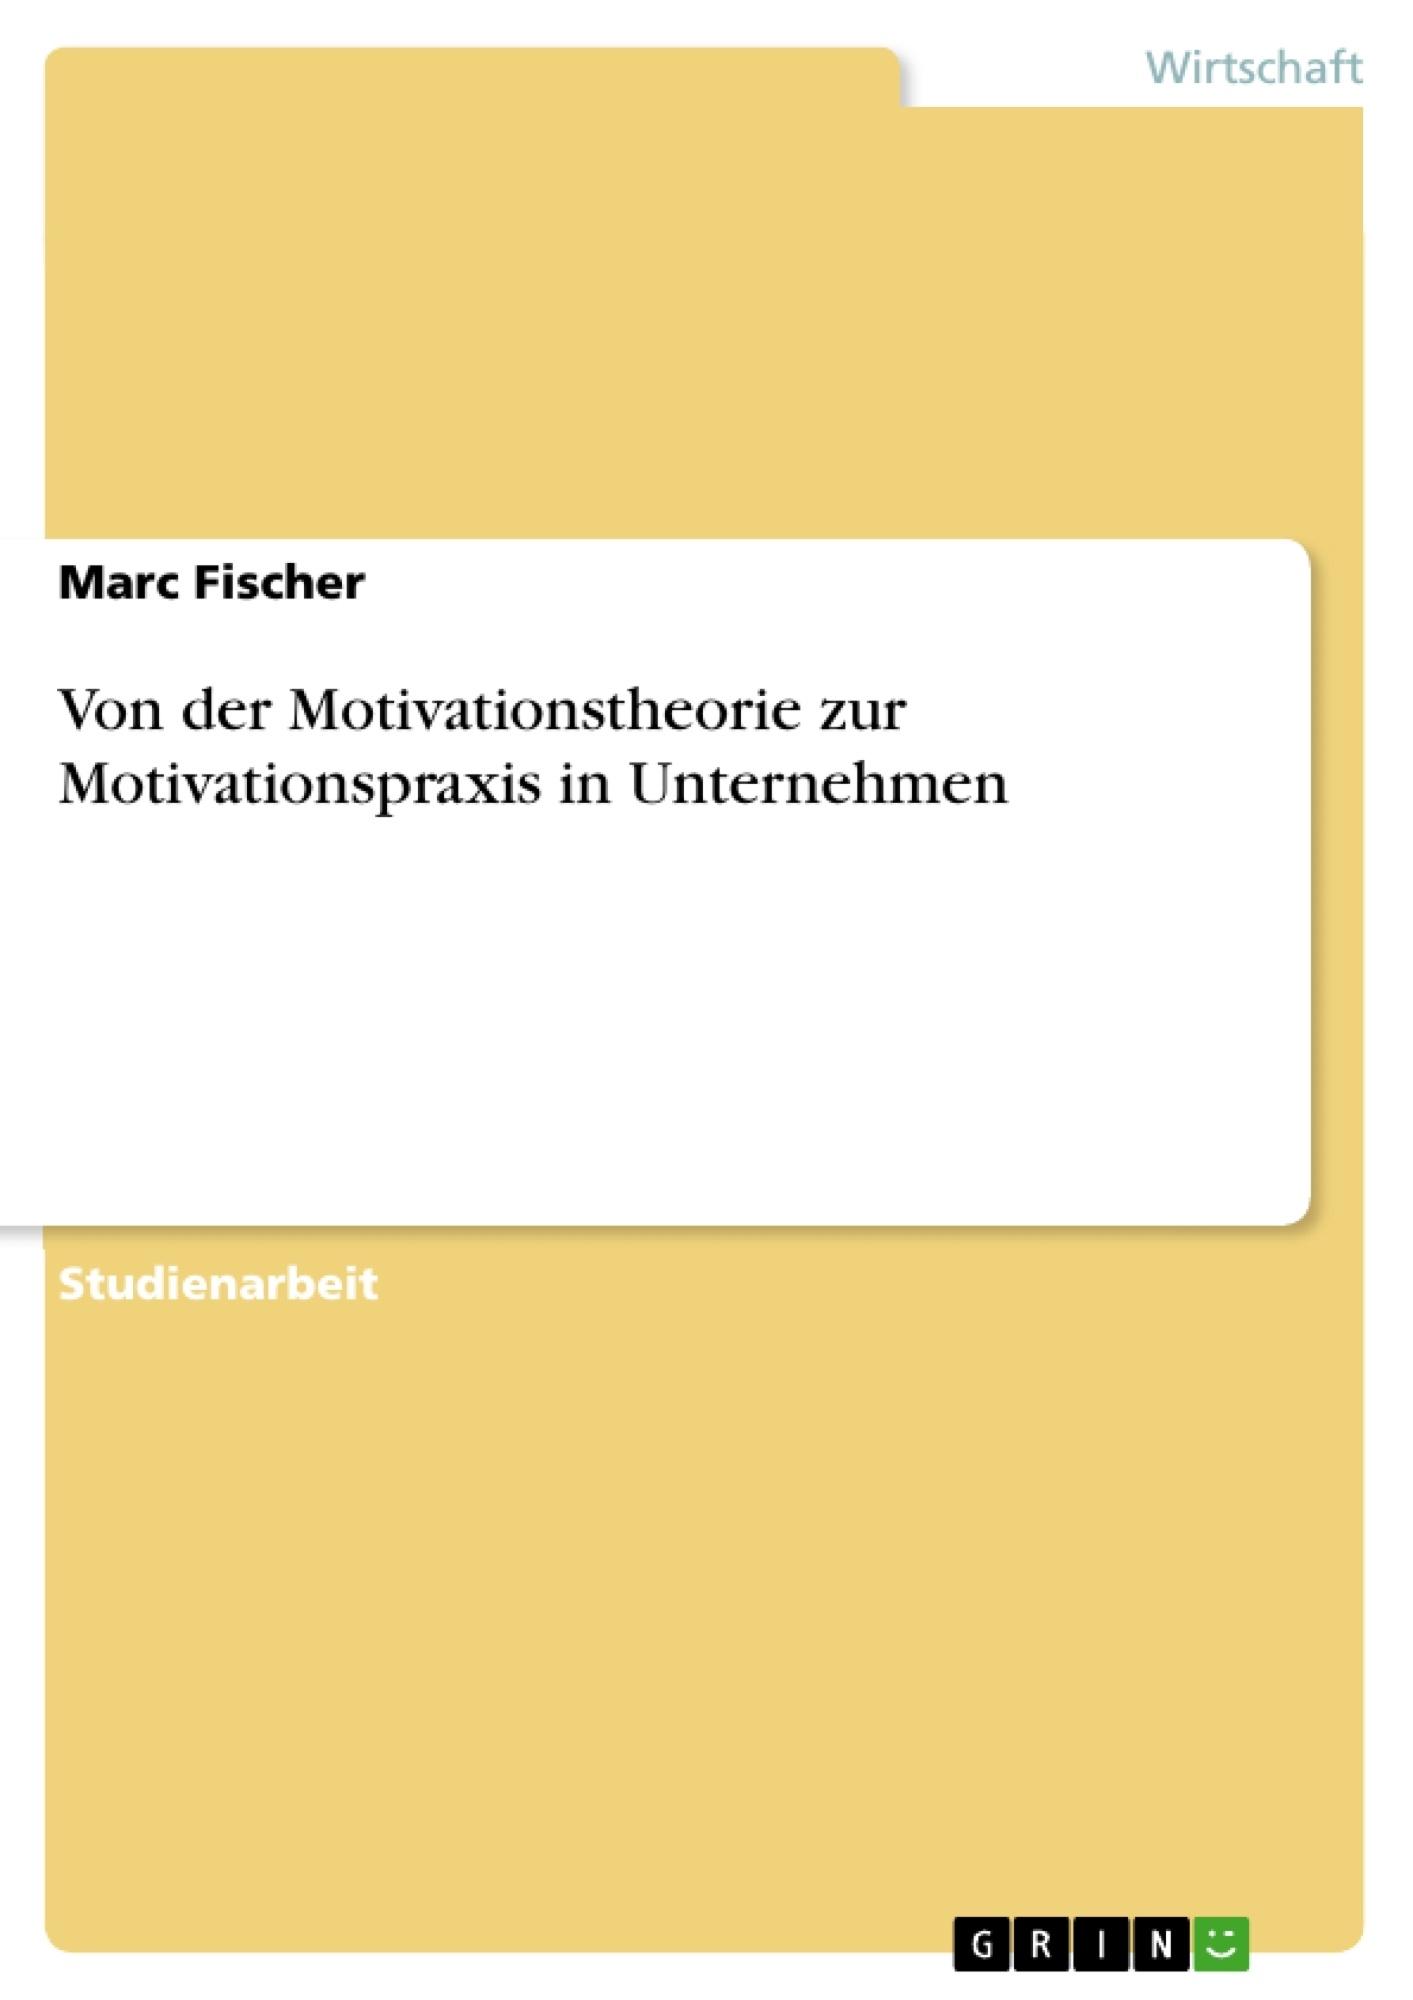 Titel: Von der Motivationstheorie zur Motivationspraxis in Unternehmen